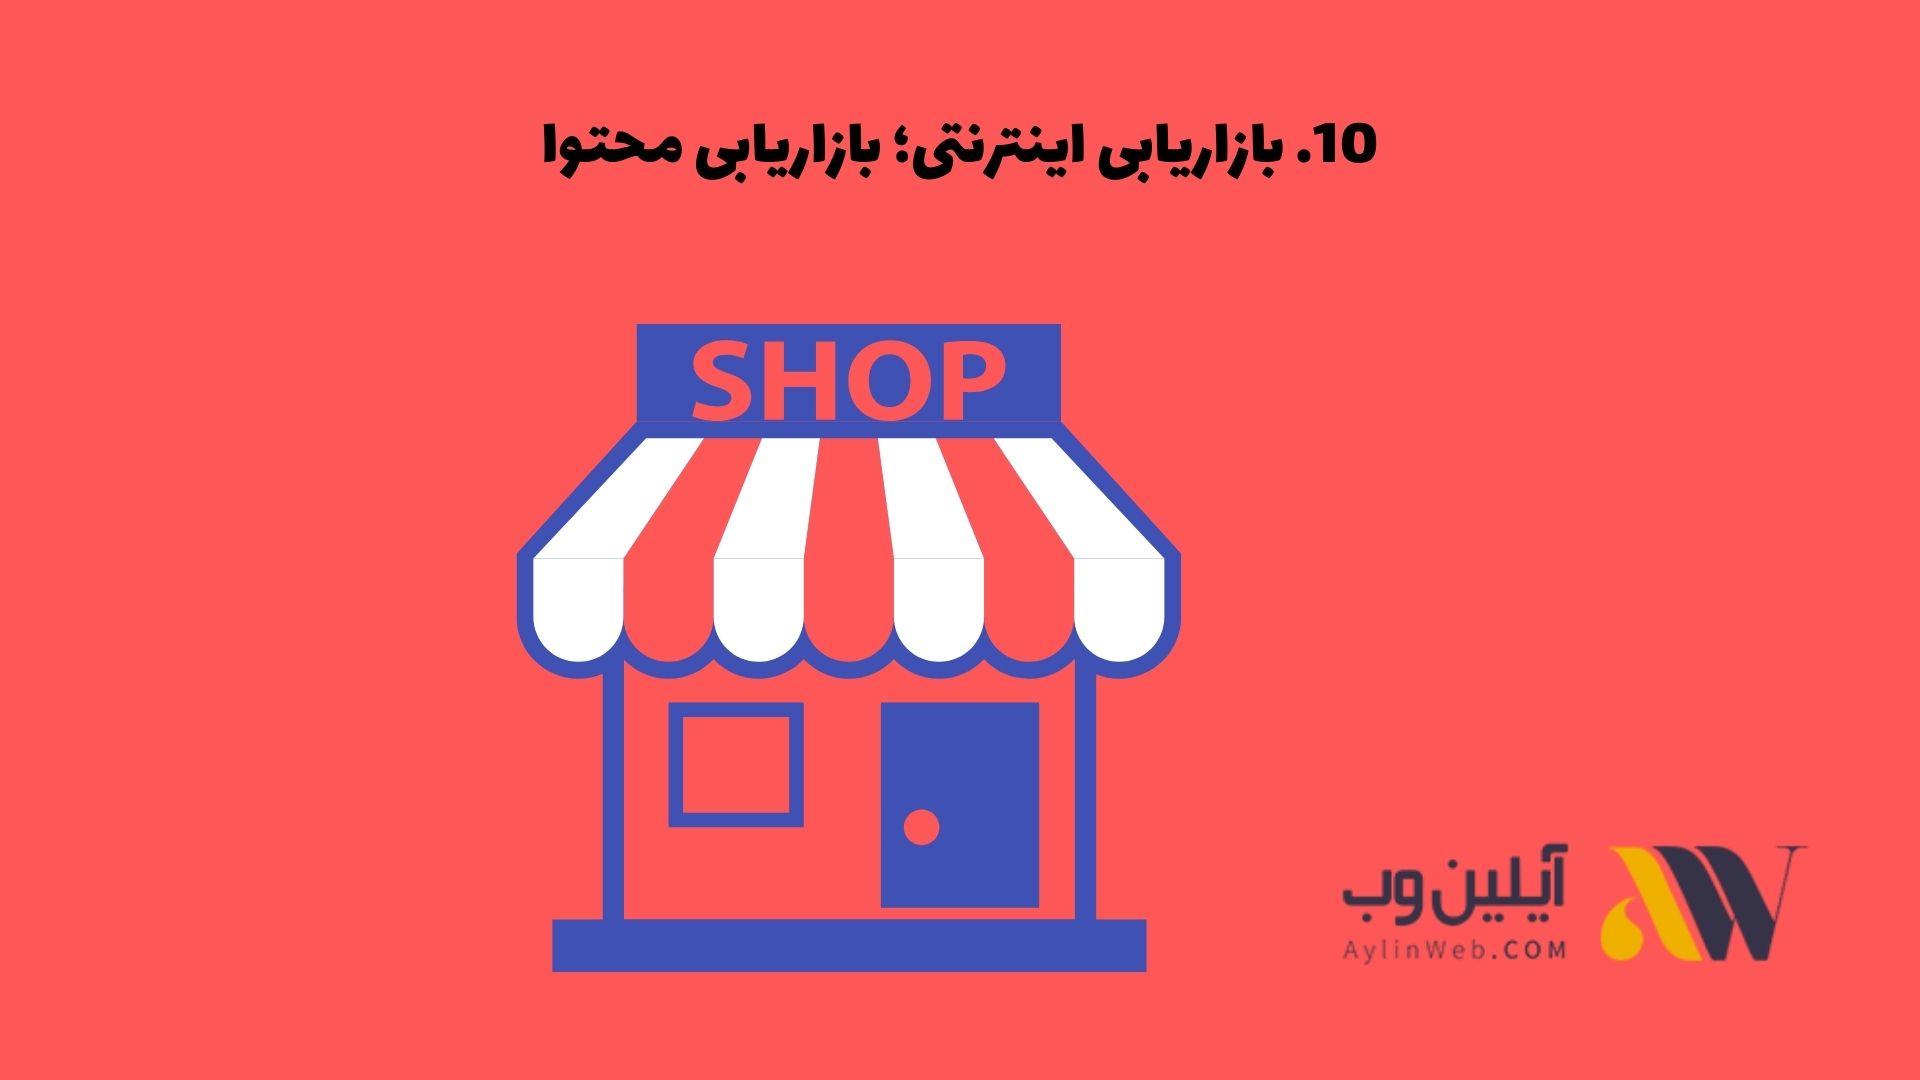 بازاریابی اینترنتی محصولات؛ بازاریابی محتوا